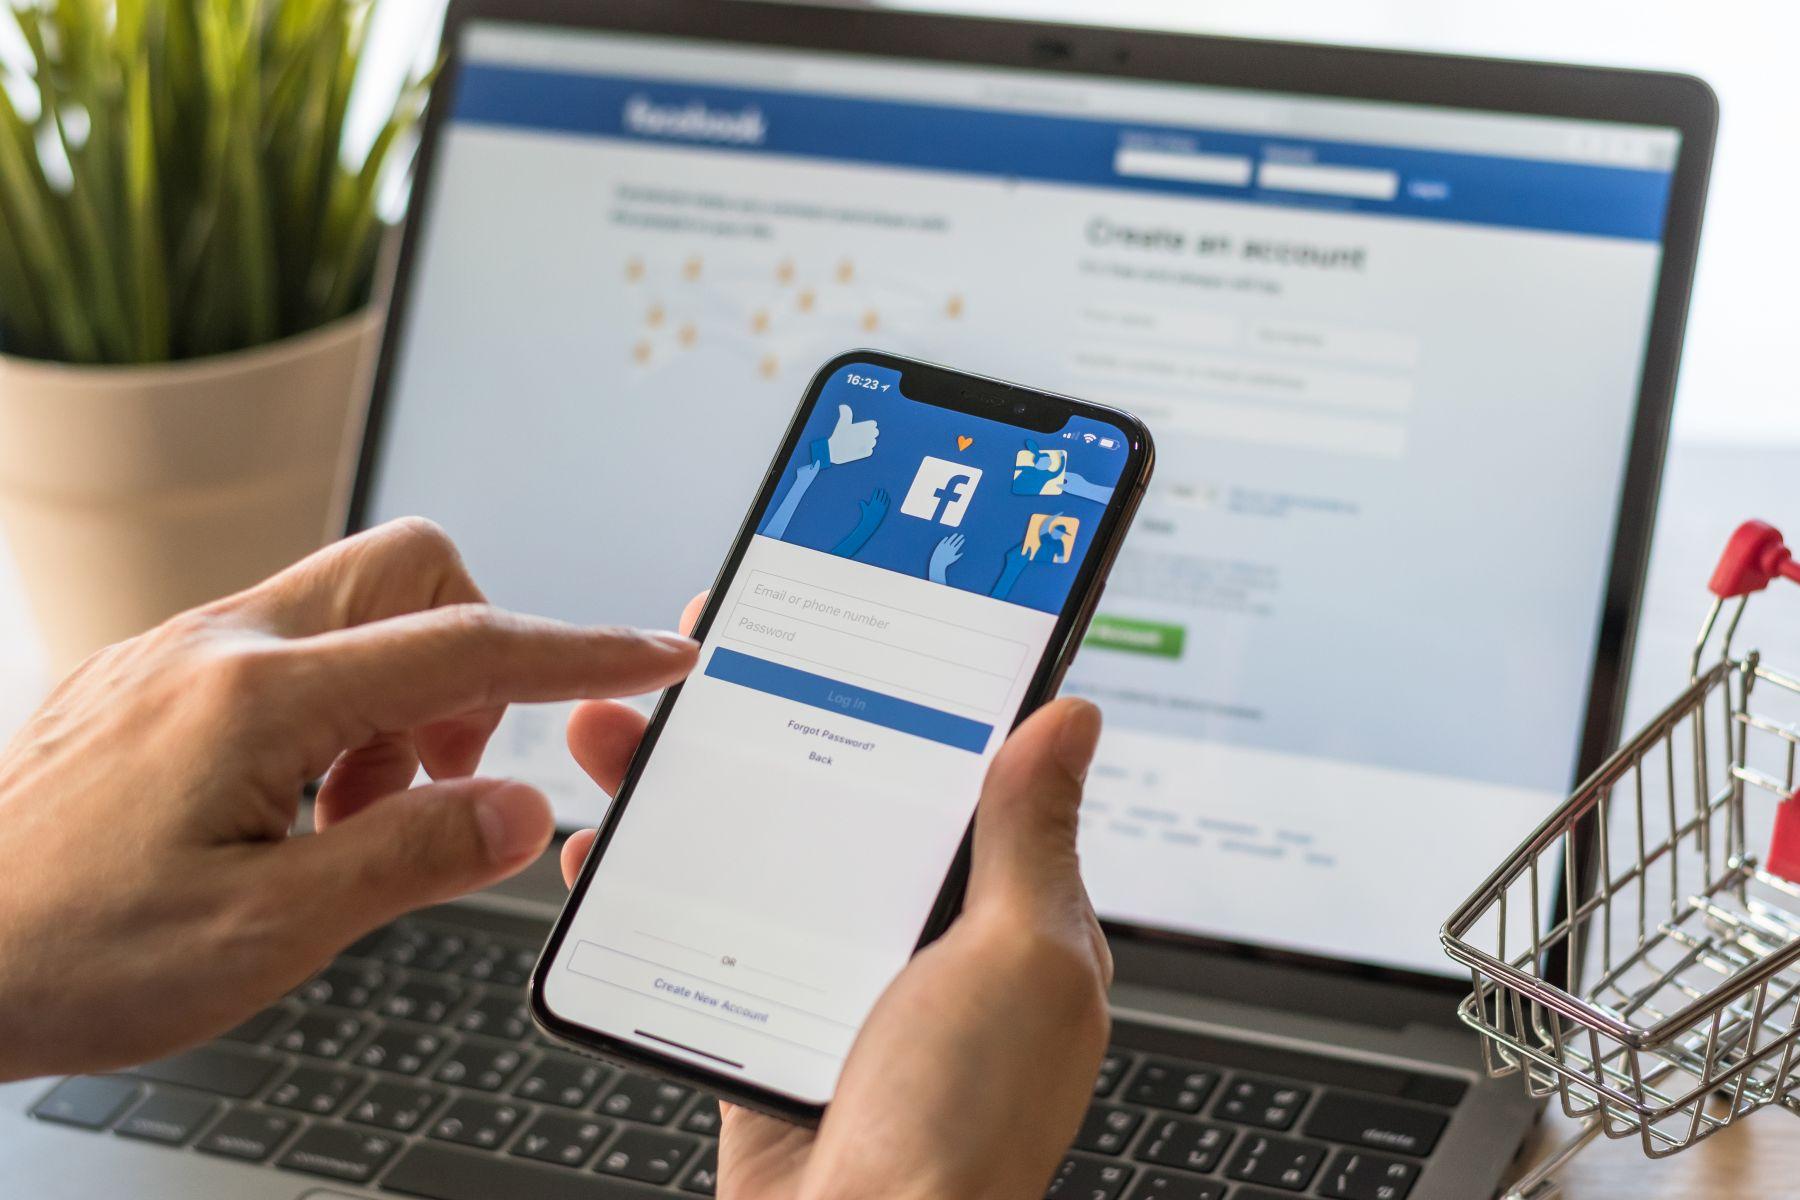 臉書打BFF就能驗證資安? 專家告訴你:假的